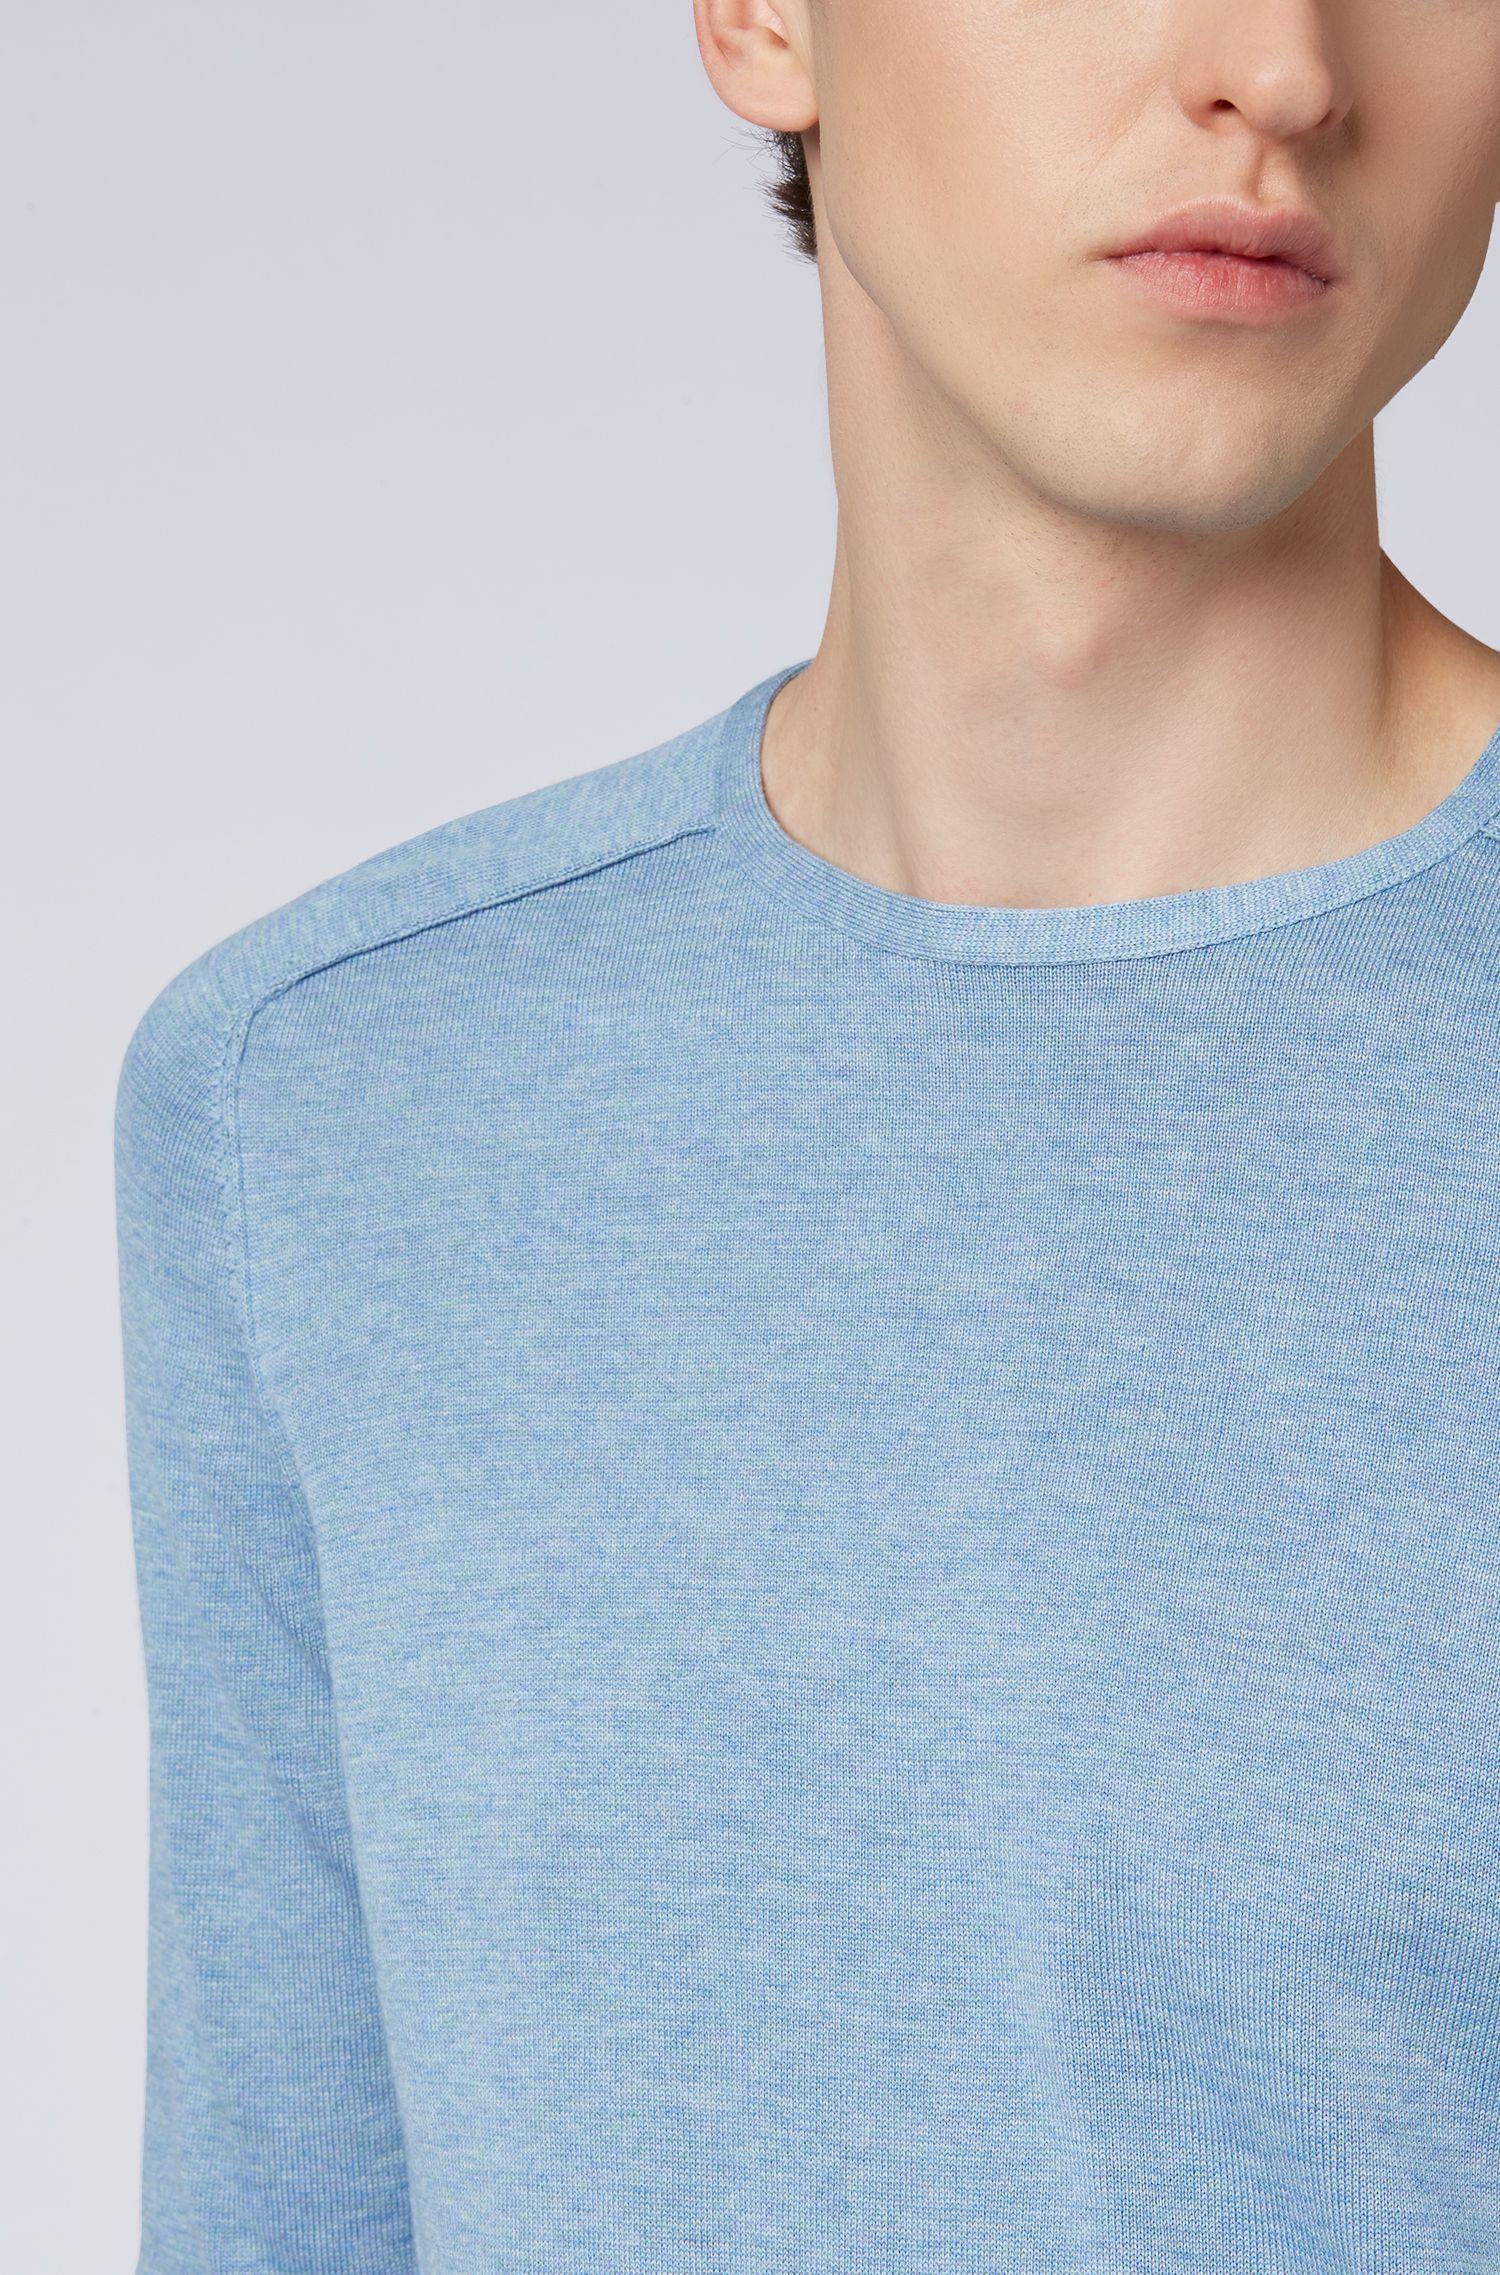 Pullover aus gestrickter Baumwolle mit Paspel-Details, Hellblau